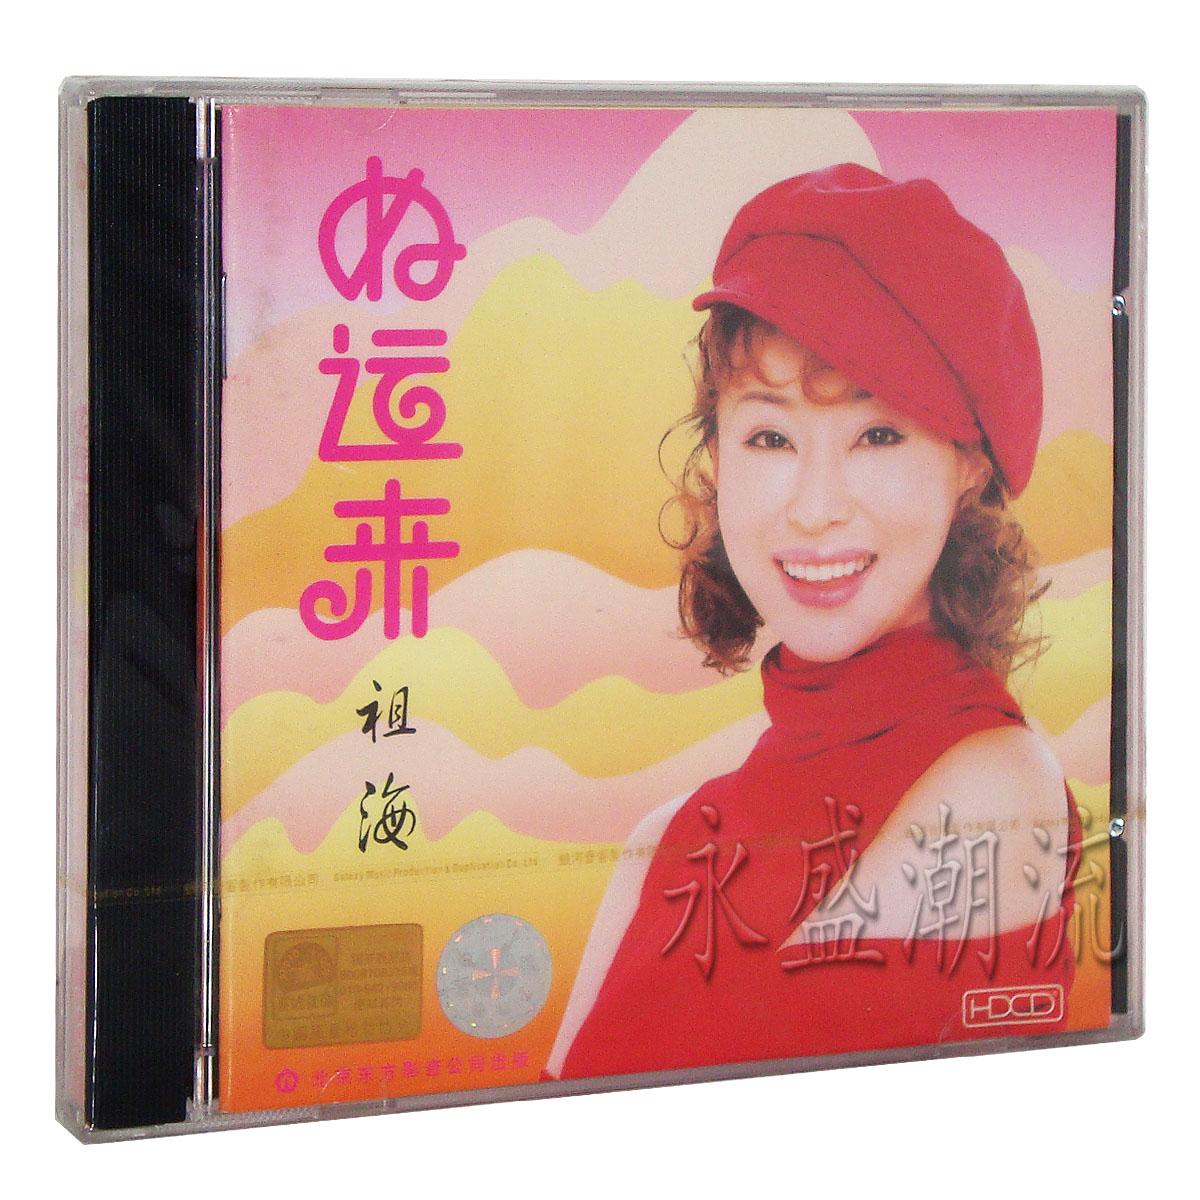 正版 祖海:好运来(CD)天竺少女 为了谁 爱在天地间 幸福山歌等